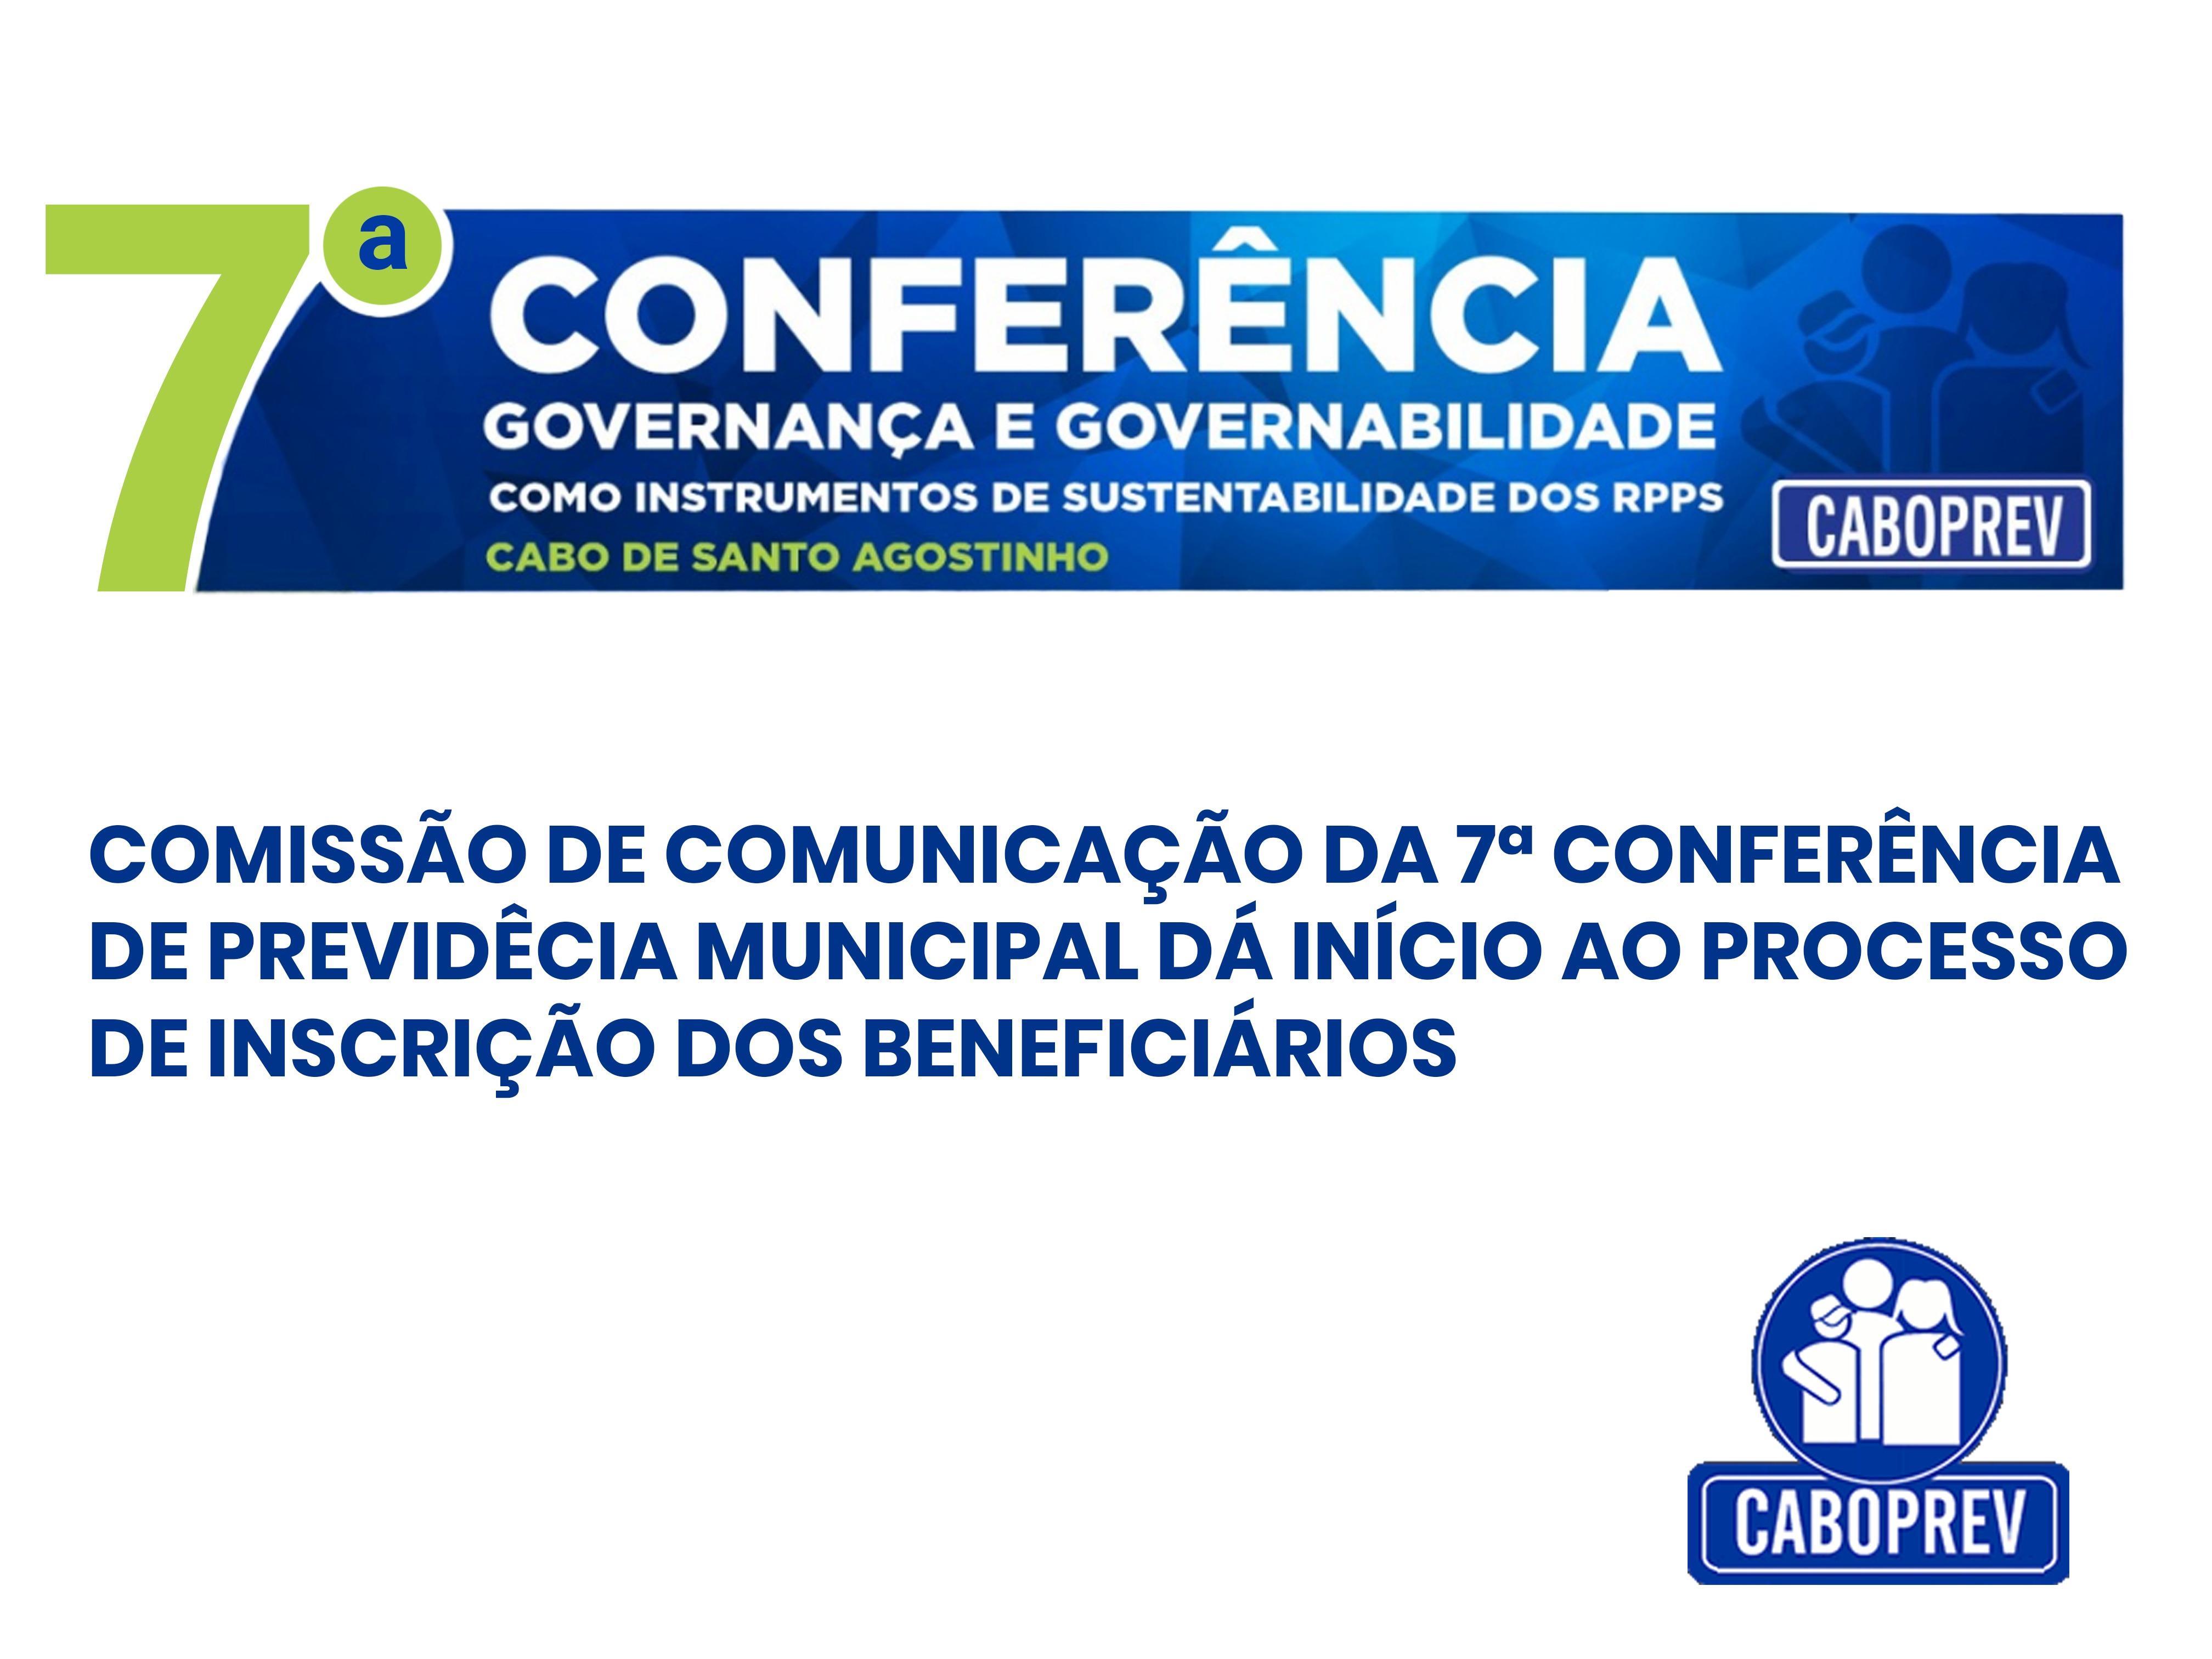 Comissão de Comunicação da 7ª Conferência de Previdência Municipal dá início ao processo de inscrição dos beneficiários